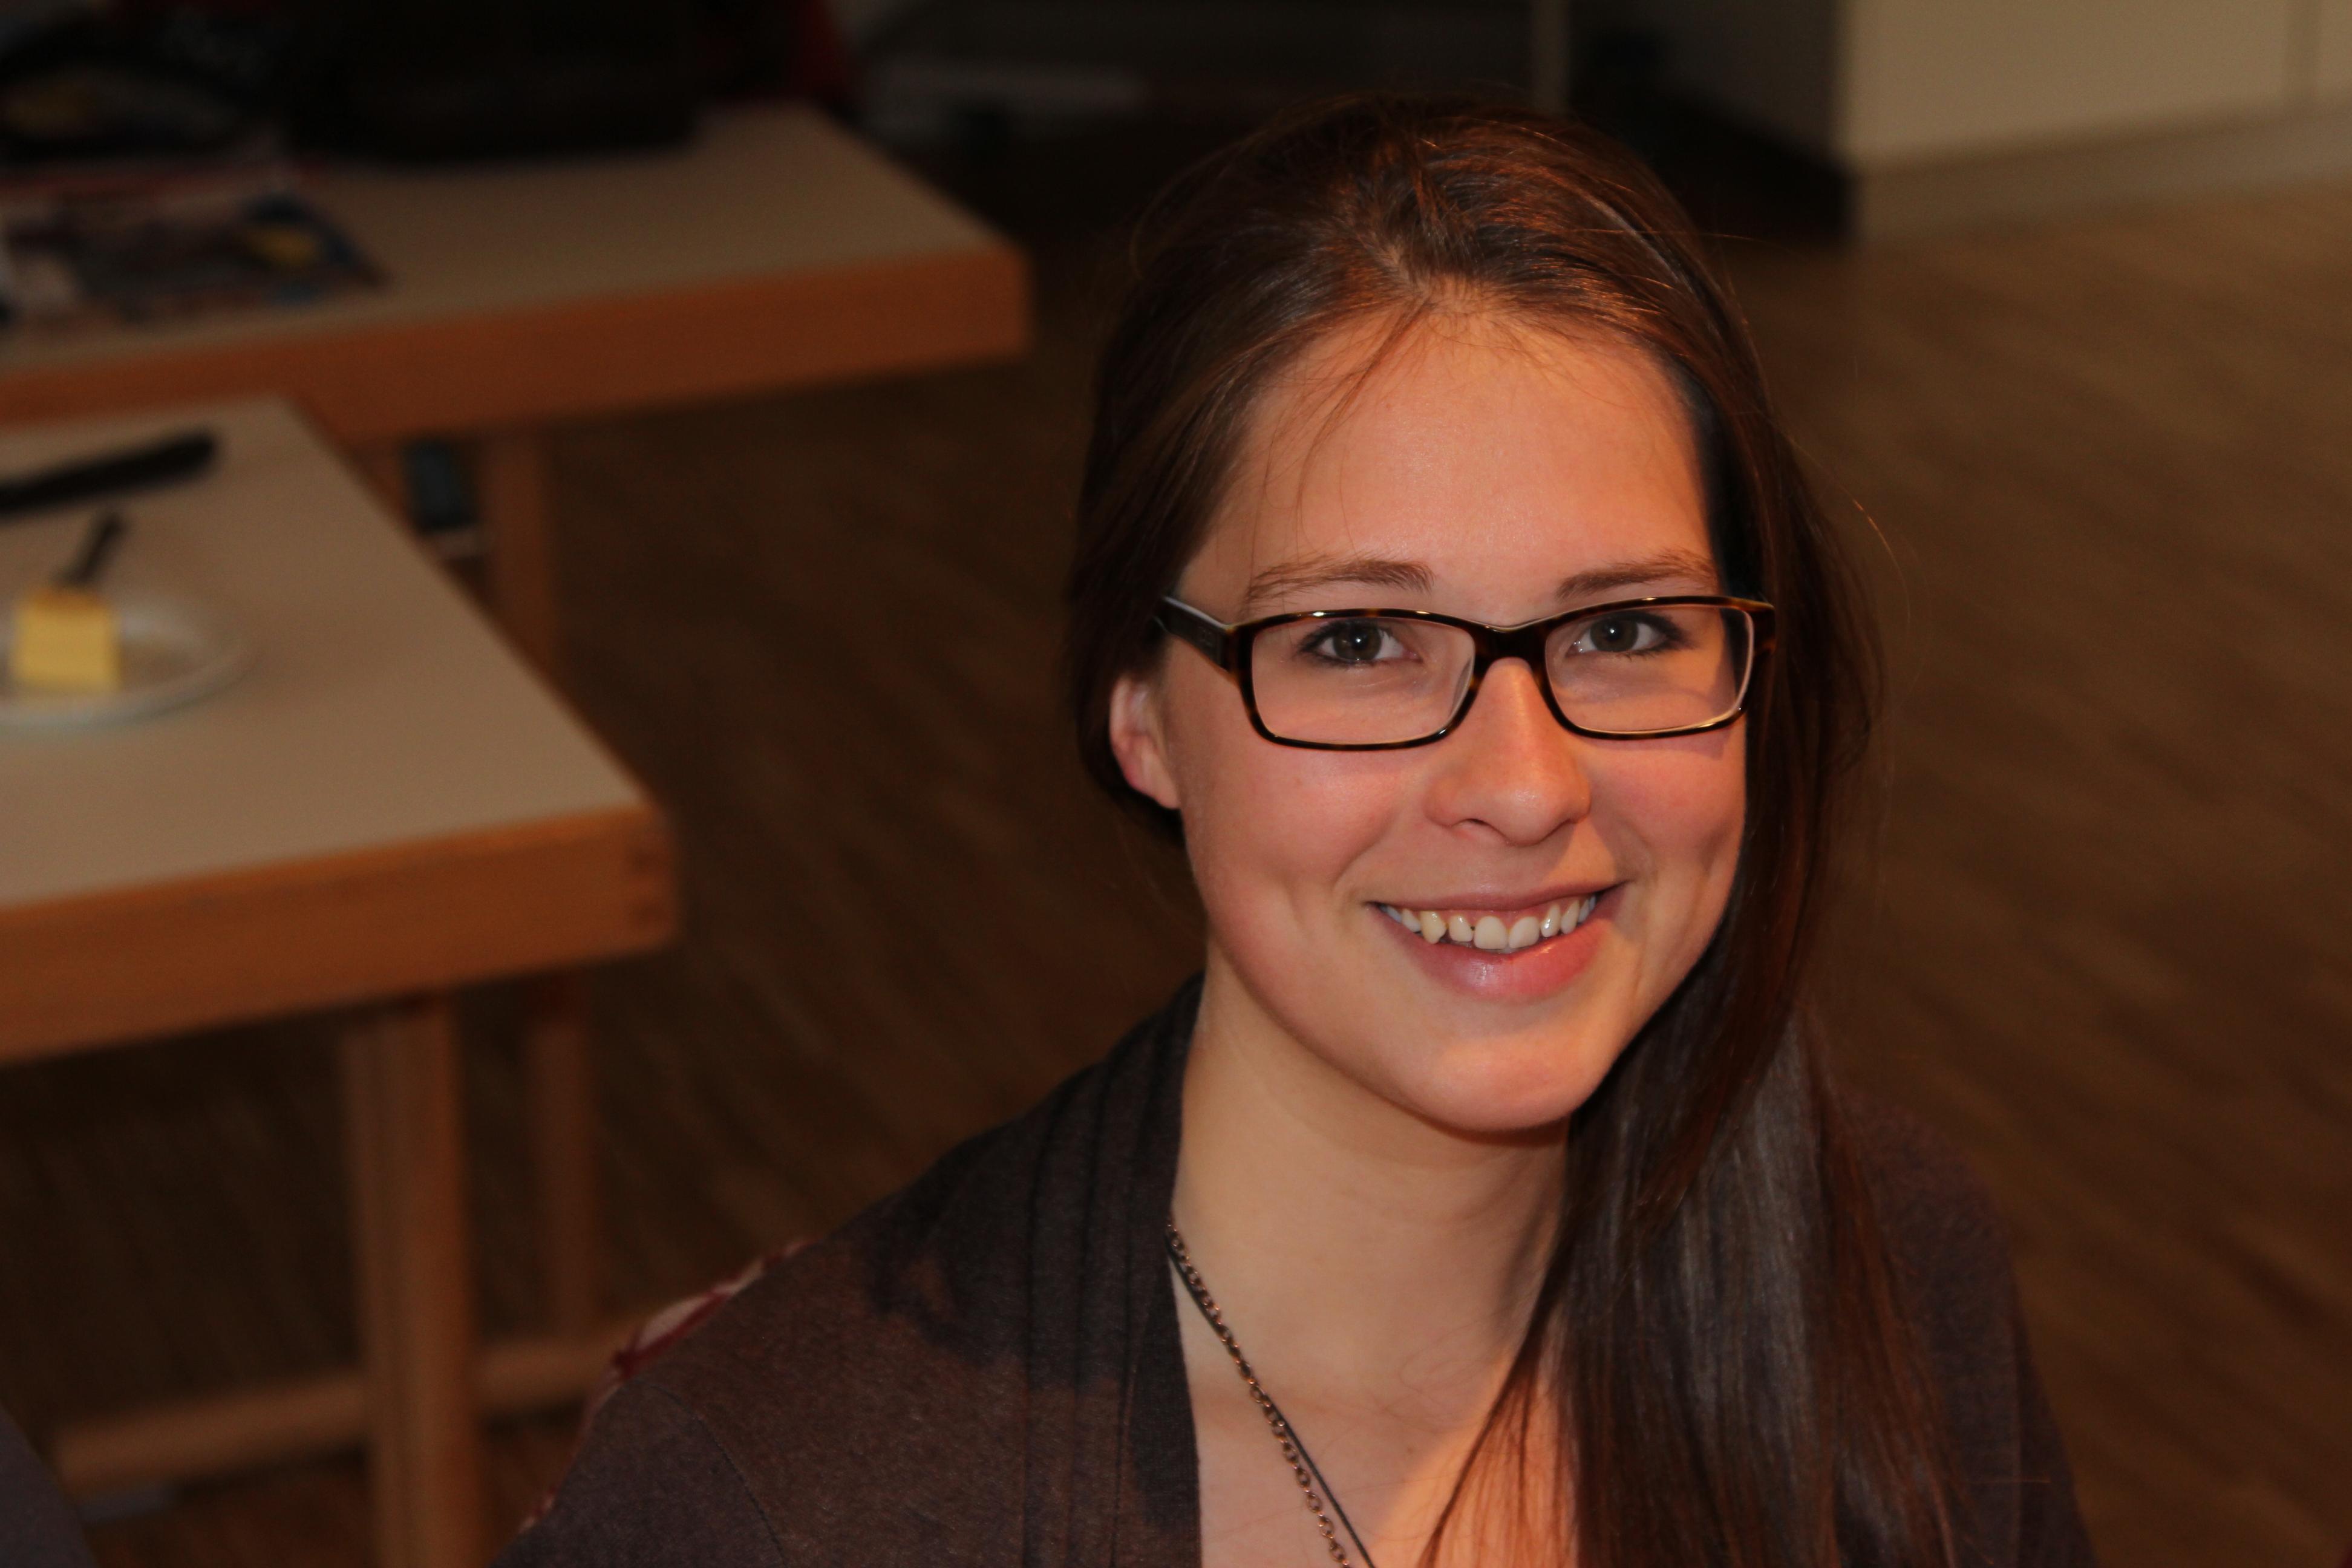 Sarah Zurmöhle